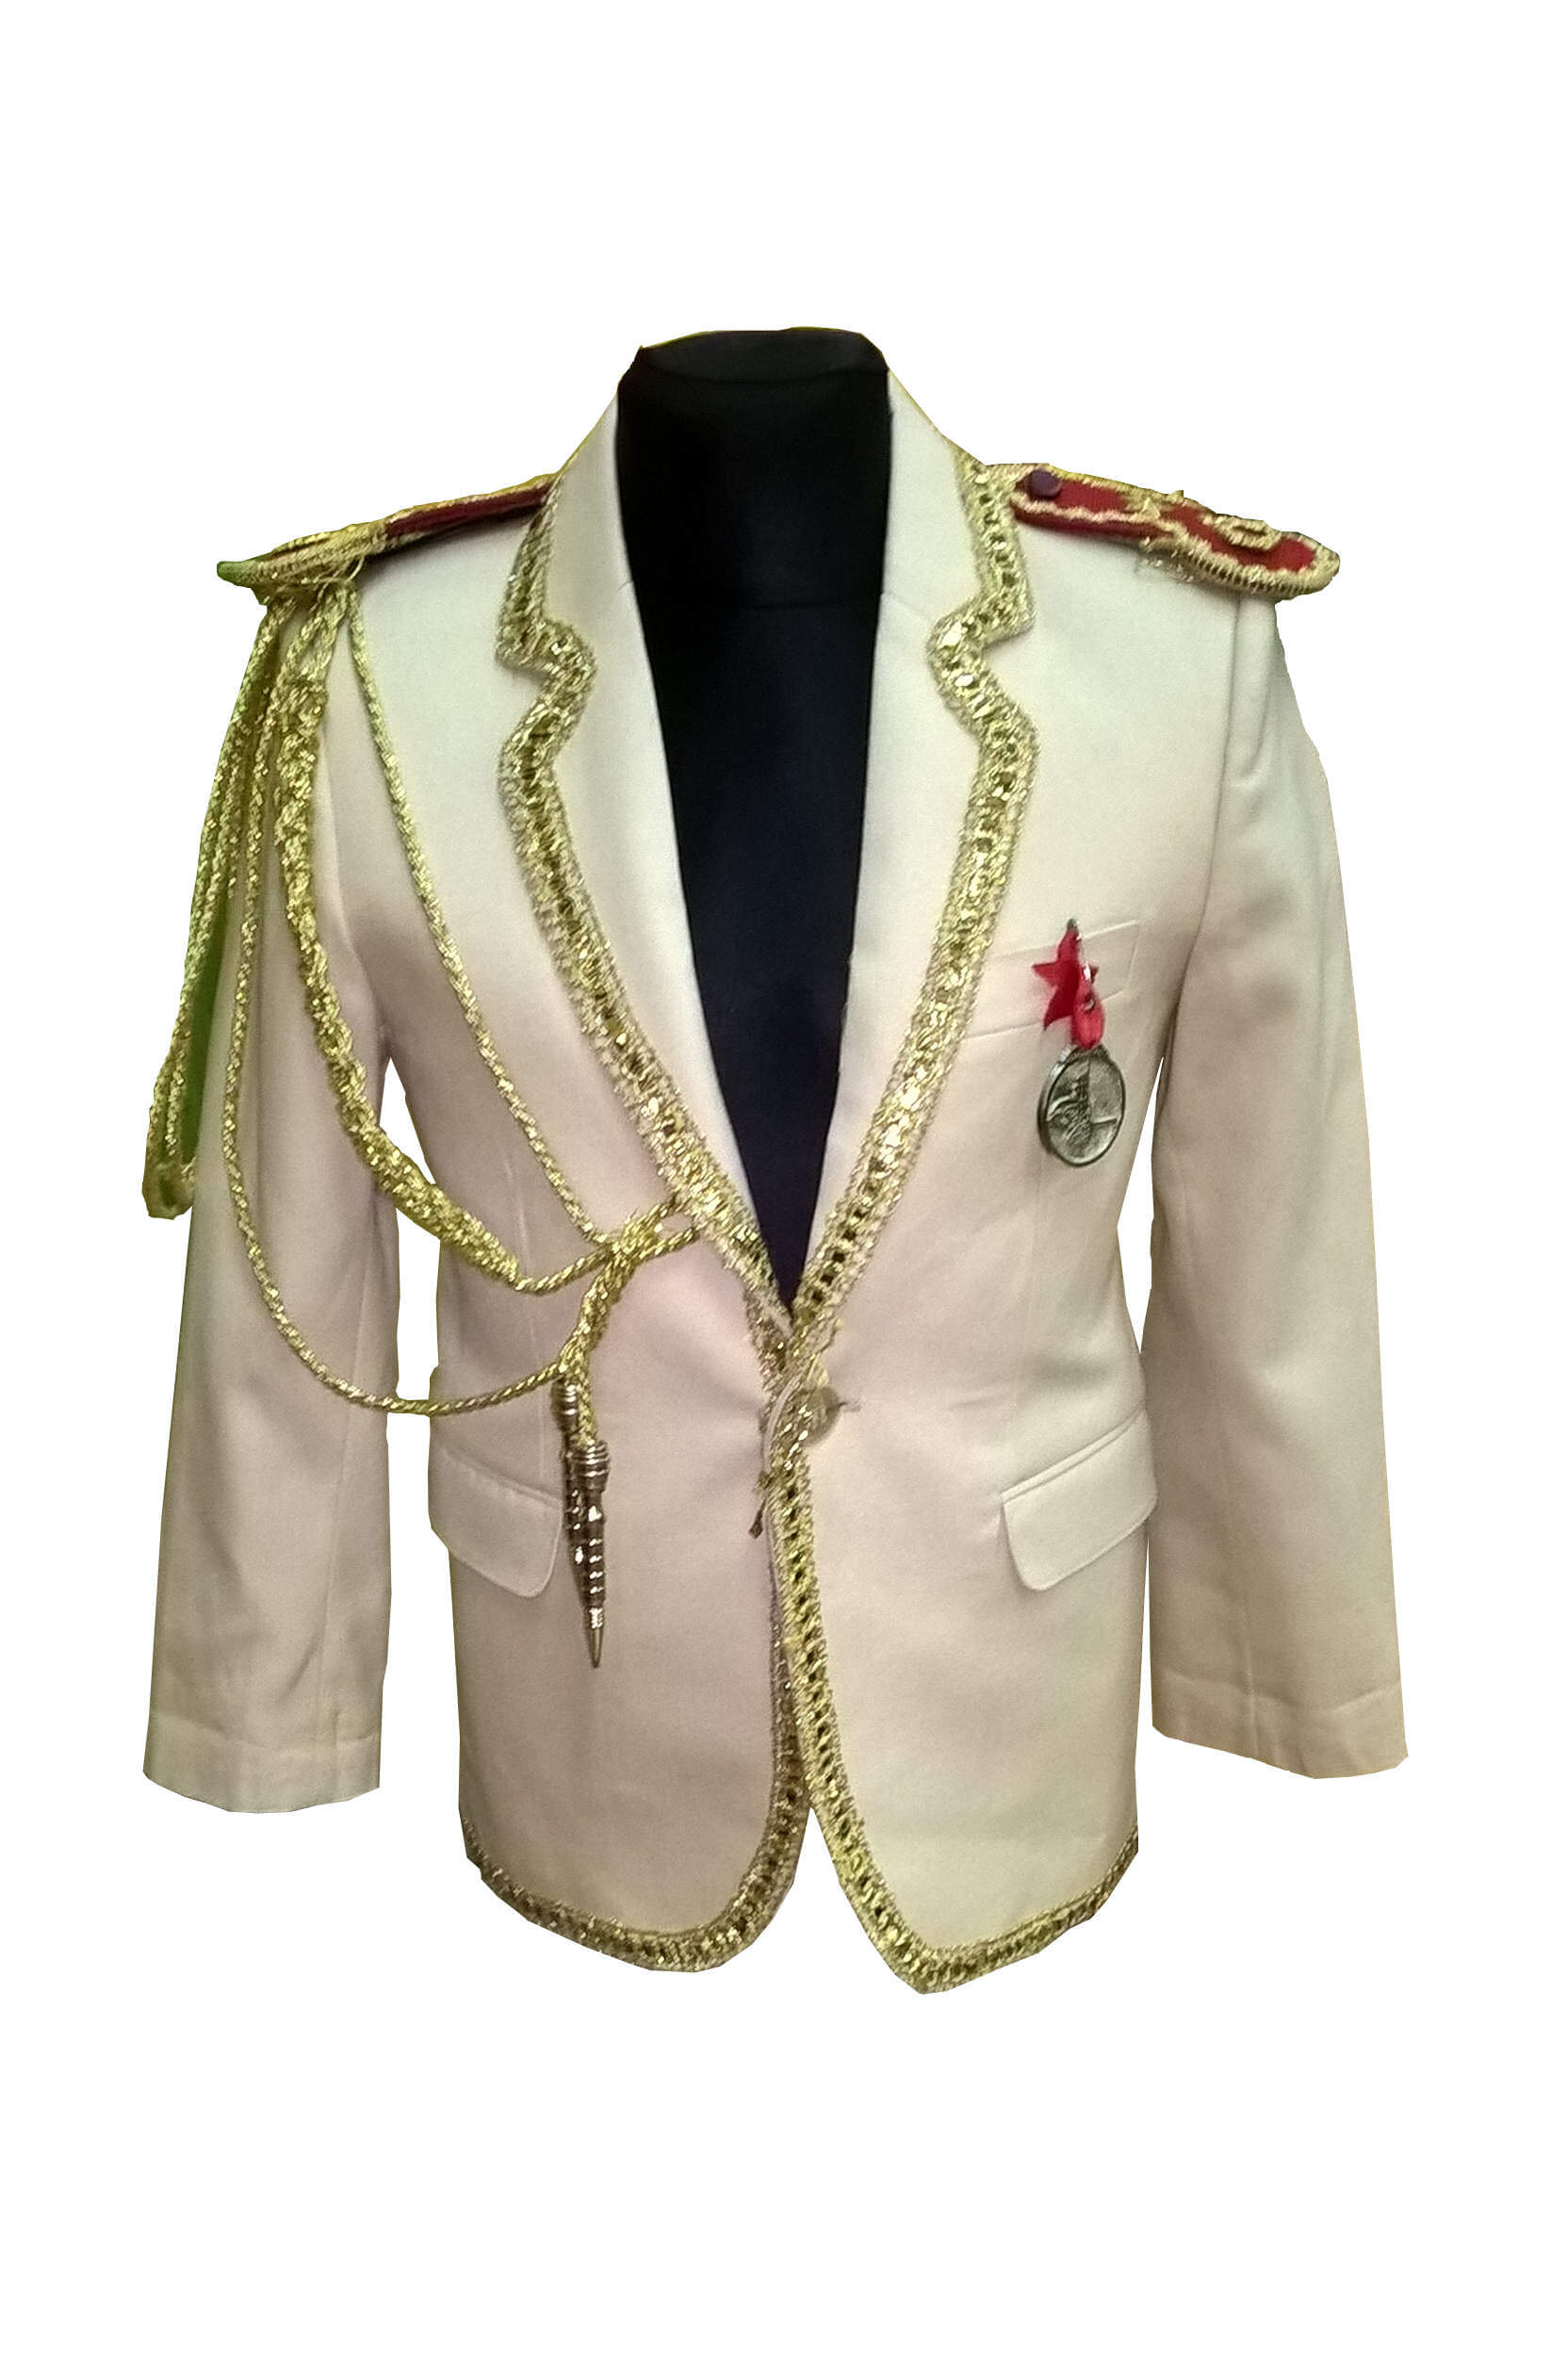 Kareivėlio kostiumas. Princo kostiumas. Karnavalinių kostiumų nuoma Vilniuje - pasakunamai.lt